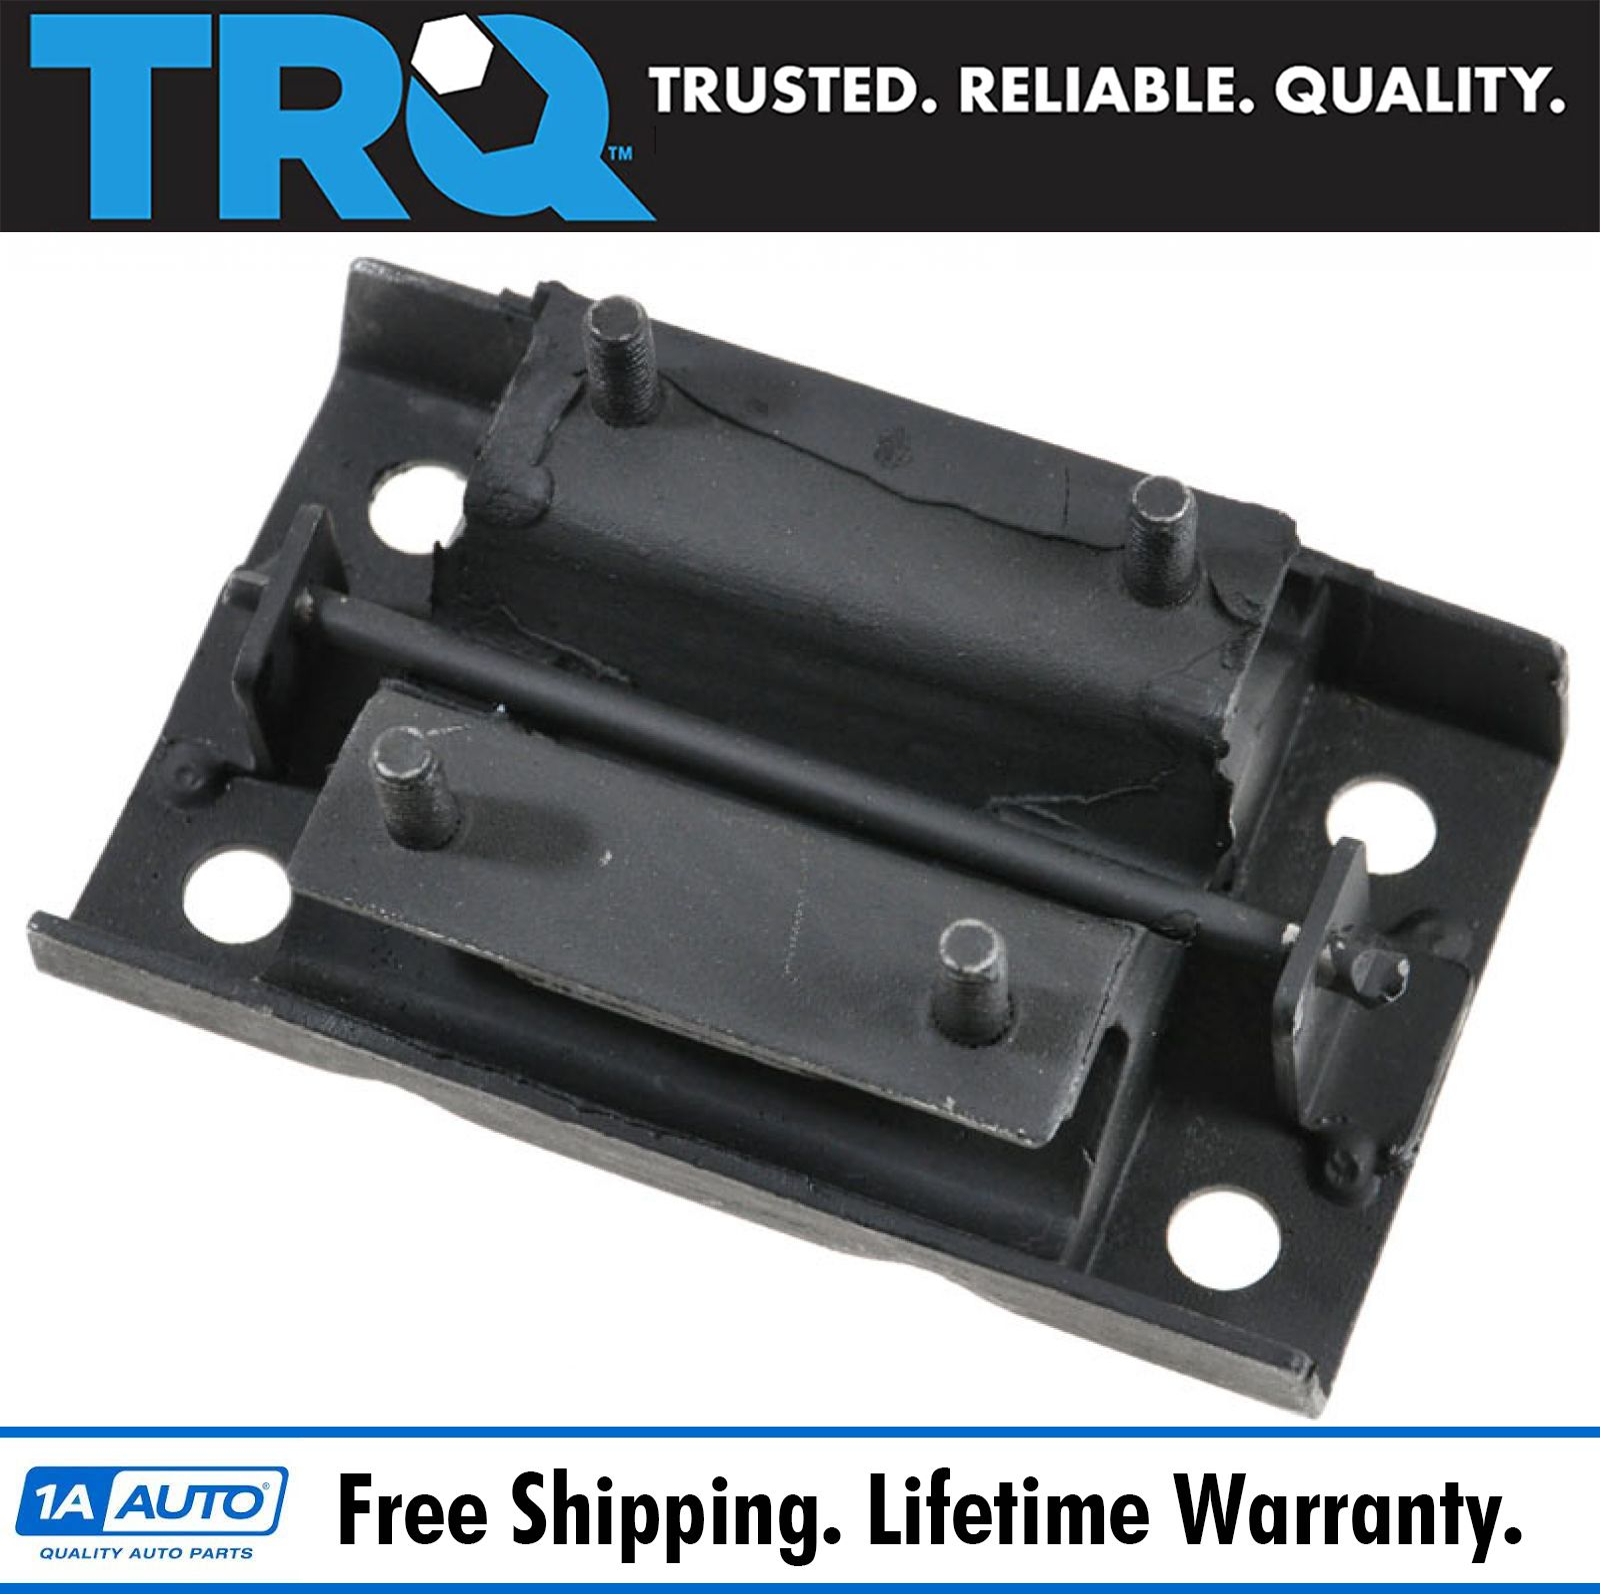 2.5L 97-02 4.0L 97-06 2882 Transmission Mount For Jeep Wrangler 2.4L 03-06